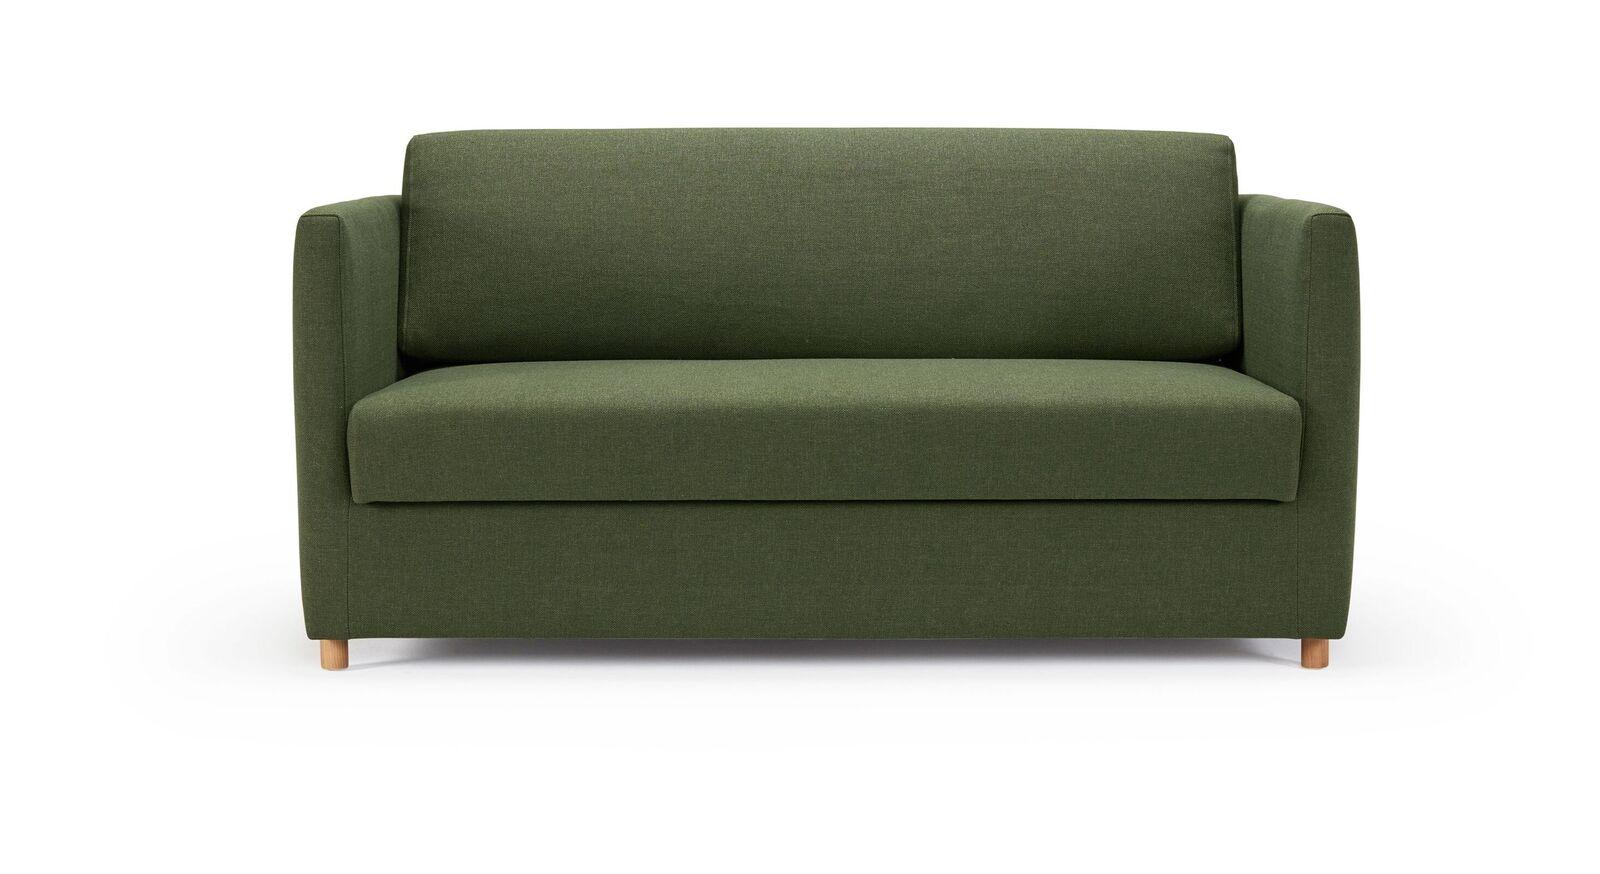 Zweisitzer Schlafsofa Yami in klassischem Design